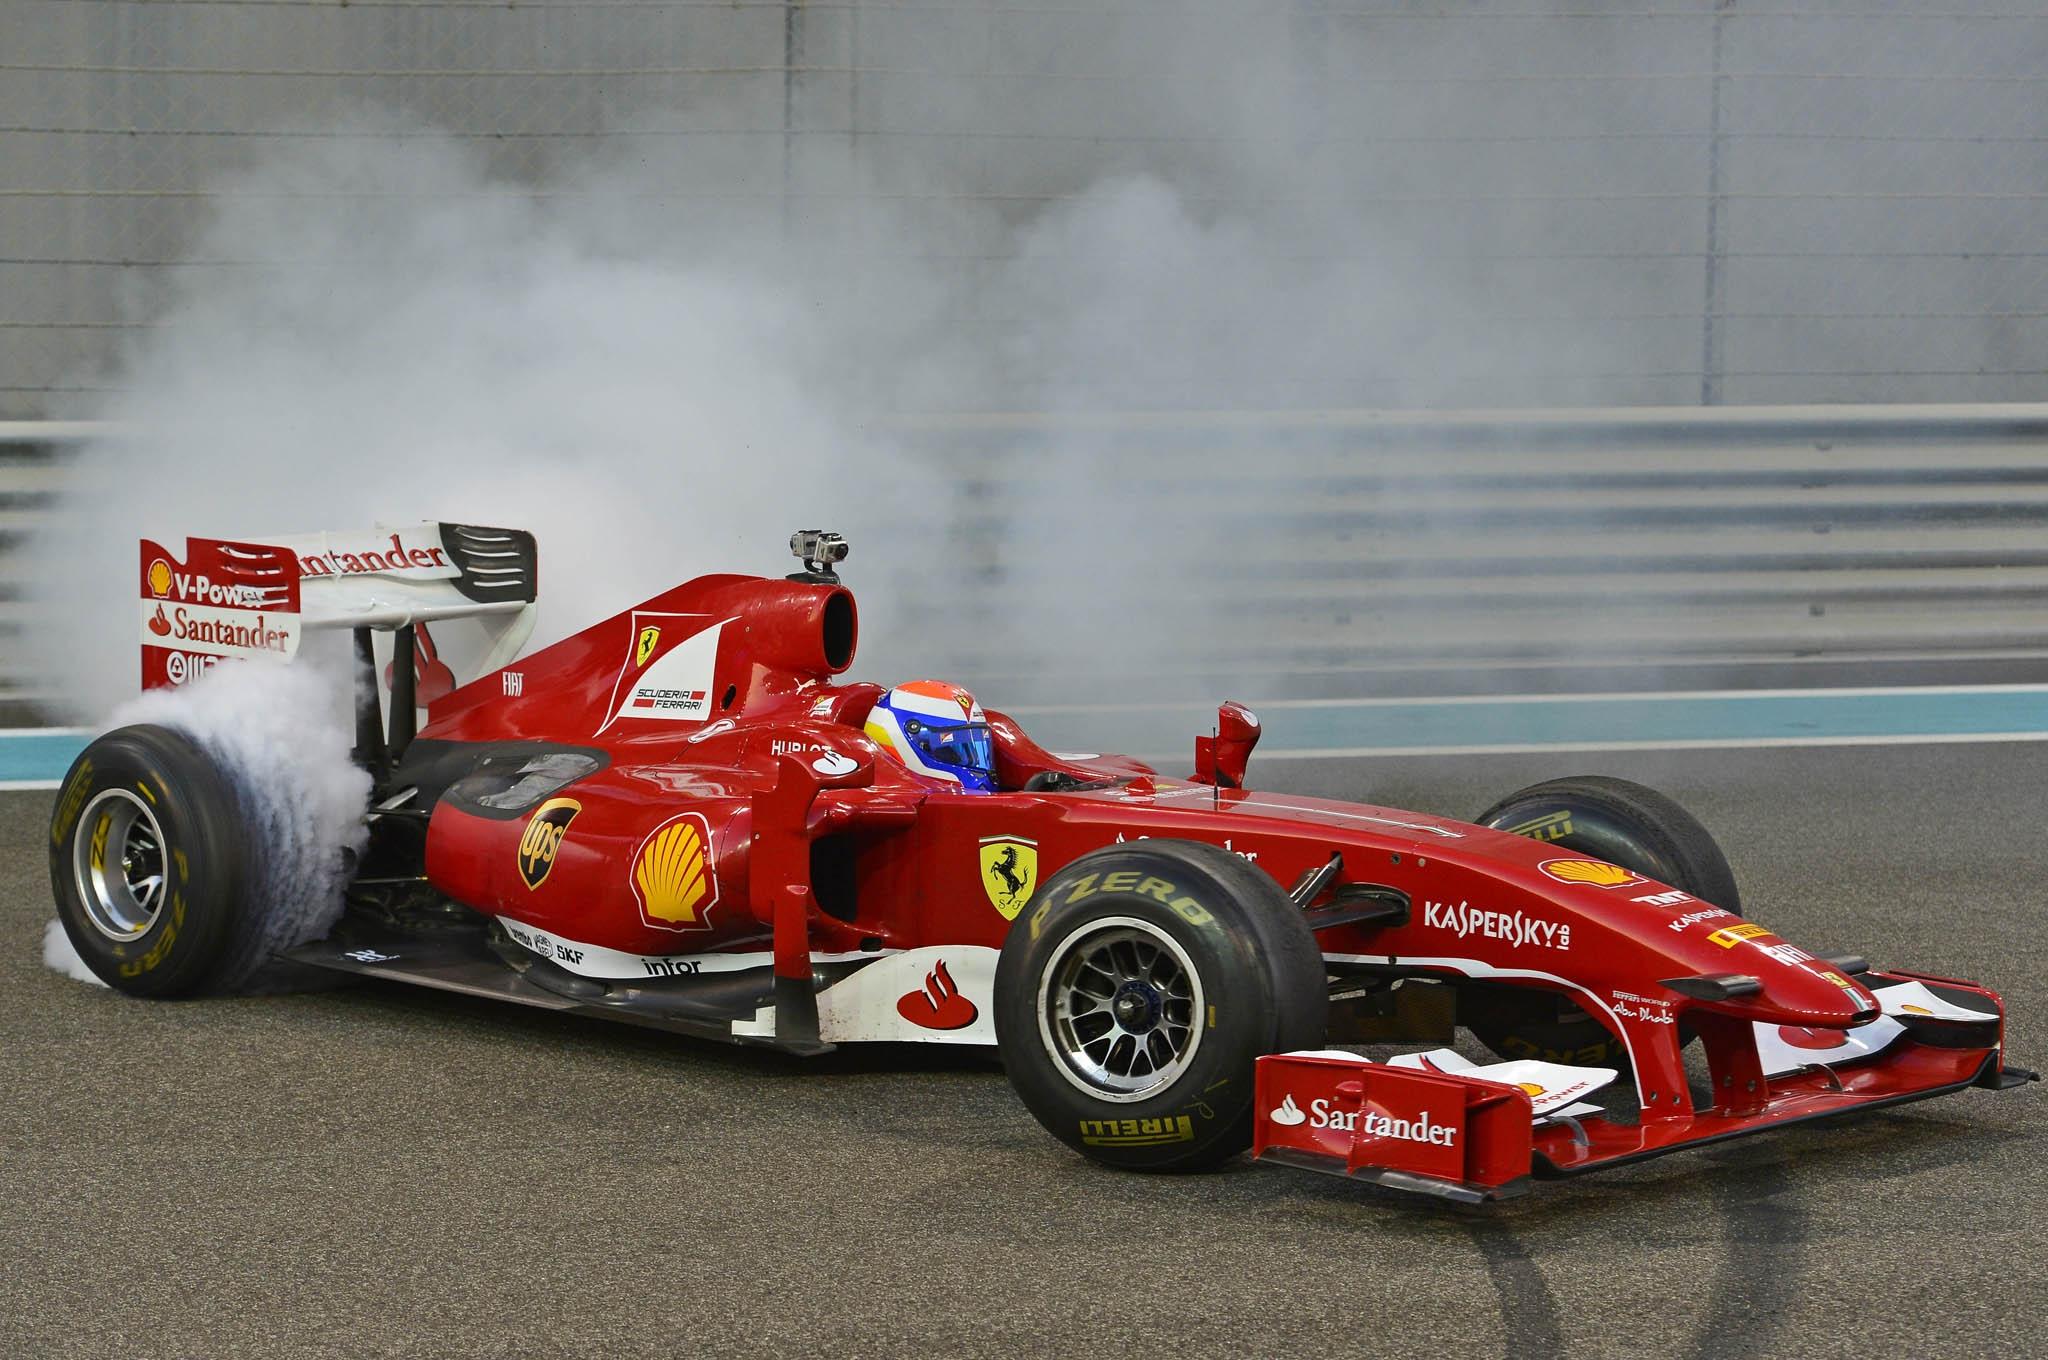 Ferrari F1 Sports Car Hd Desktop Wallpapers 4k Hd